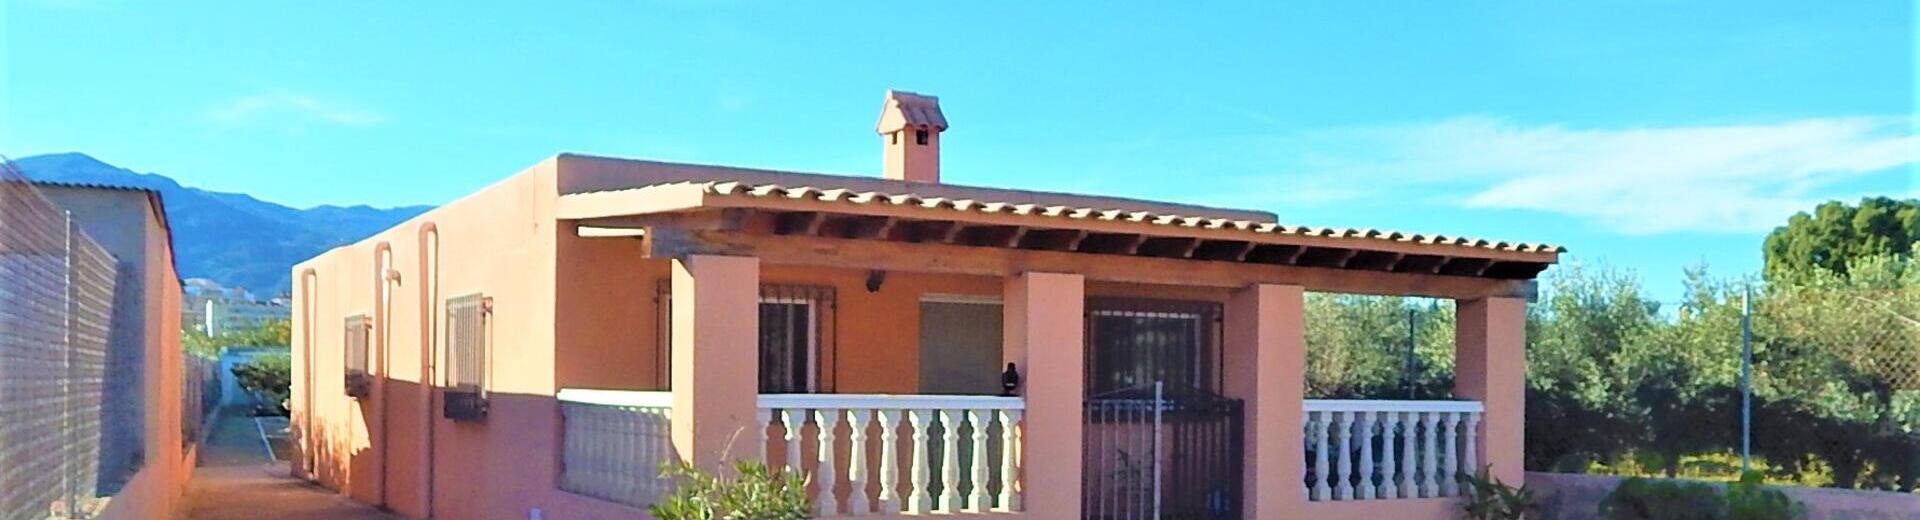 VIP7675: Villa zu Verkaufen